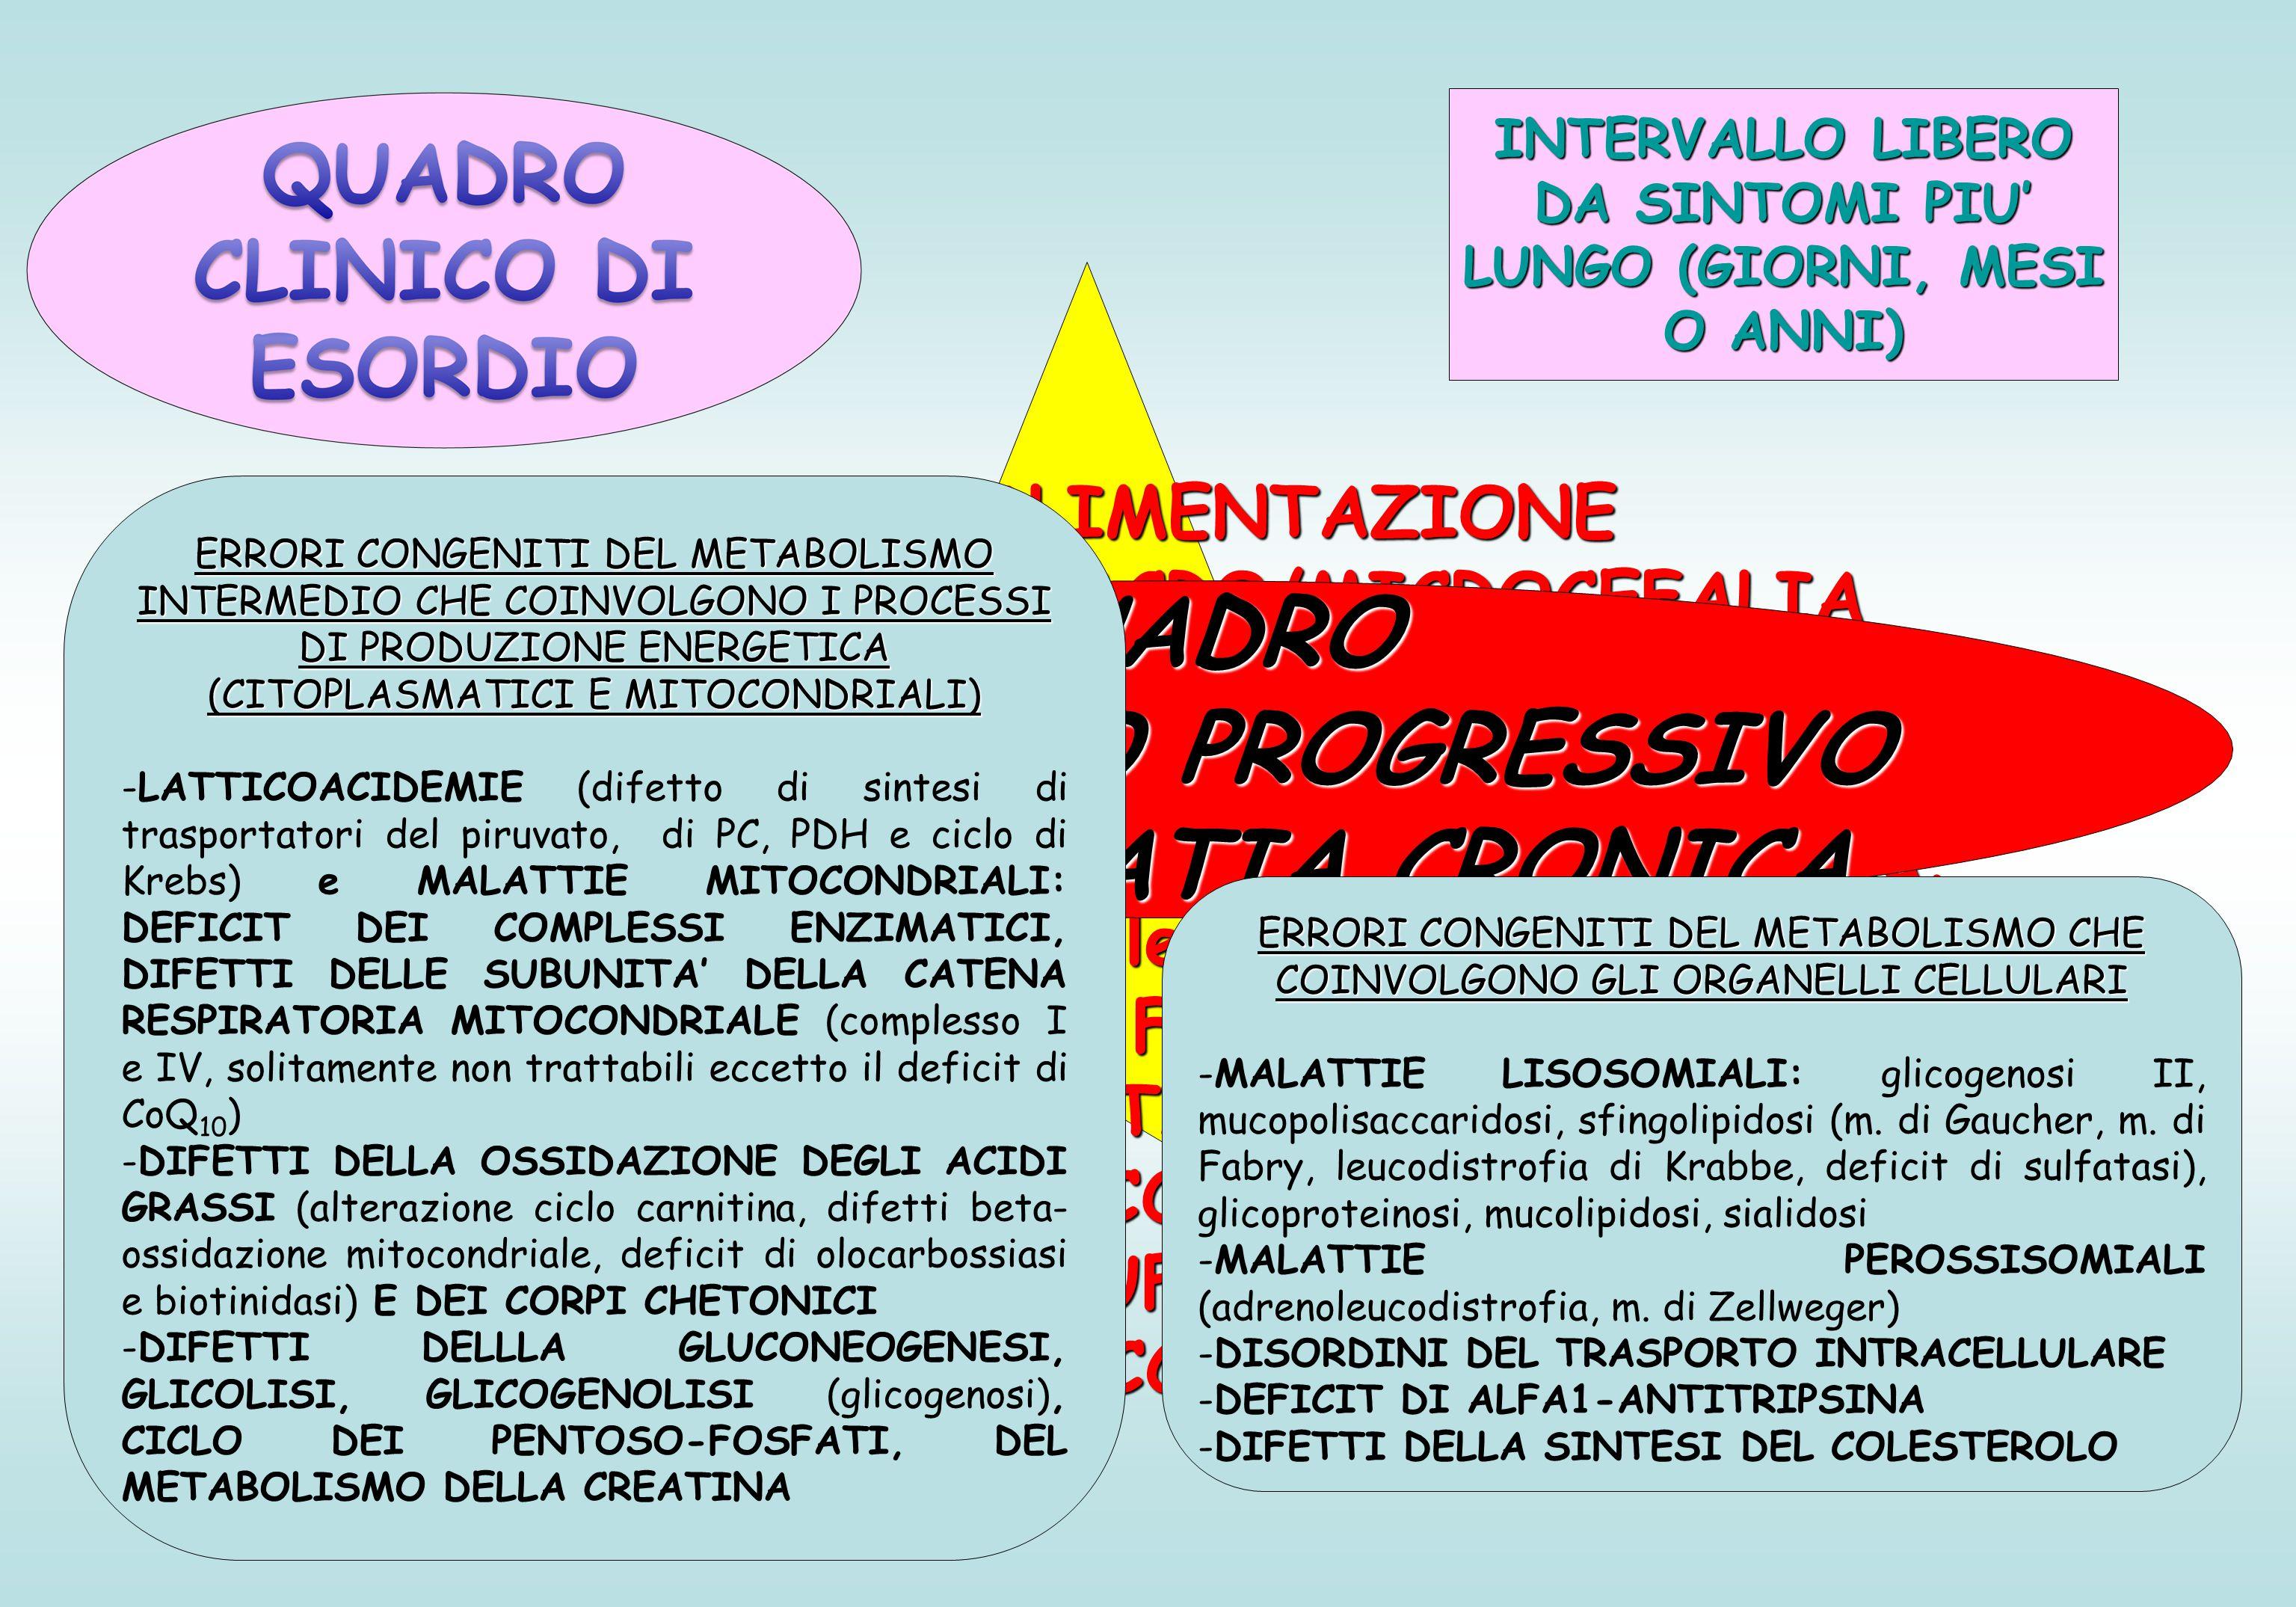 INTERVALLO LIBERO DA SINTOMI PIU' LUNGO (GIORNI, MESI O ANNI)